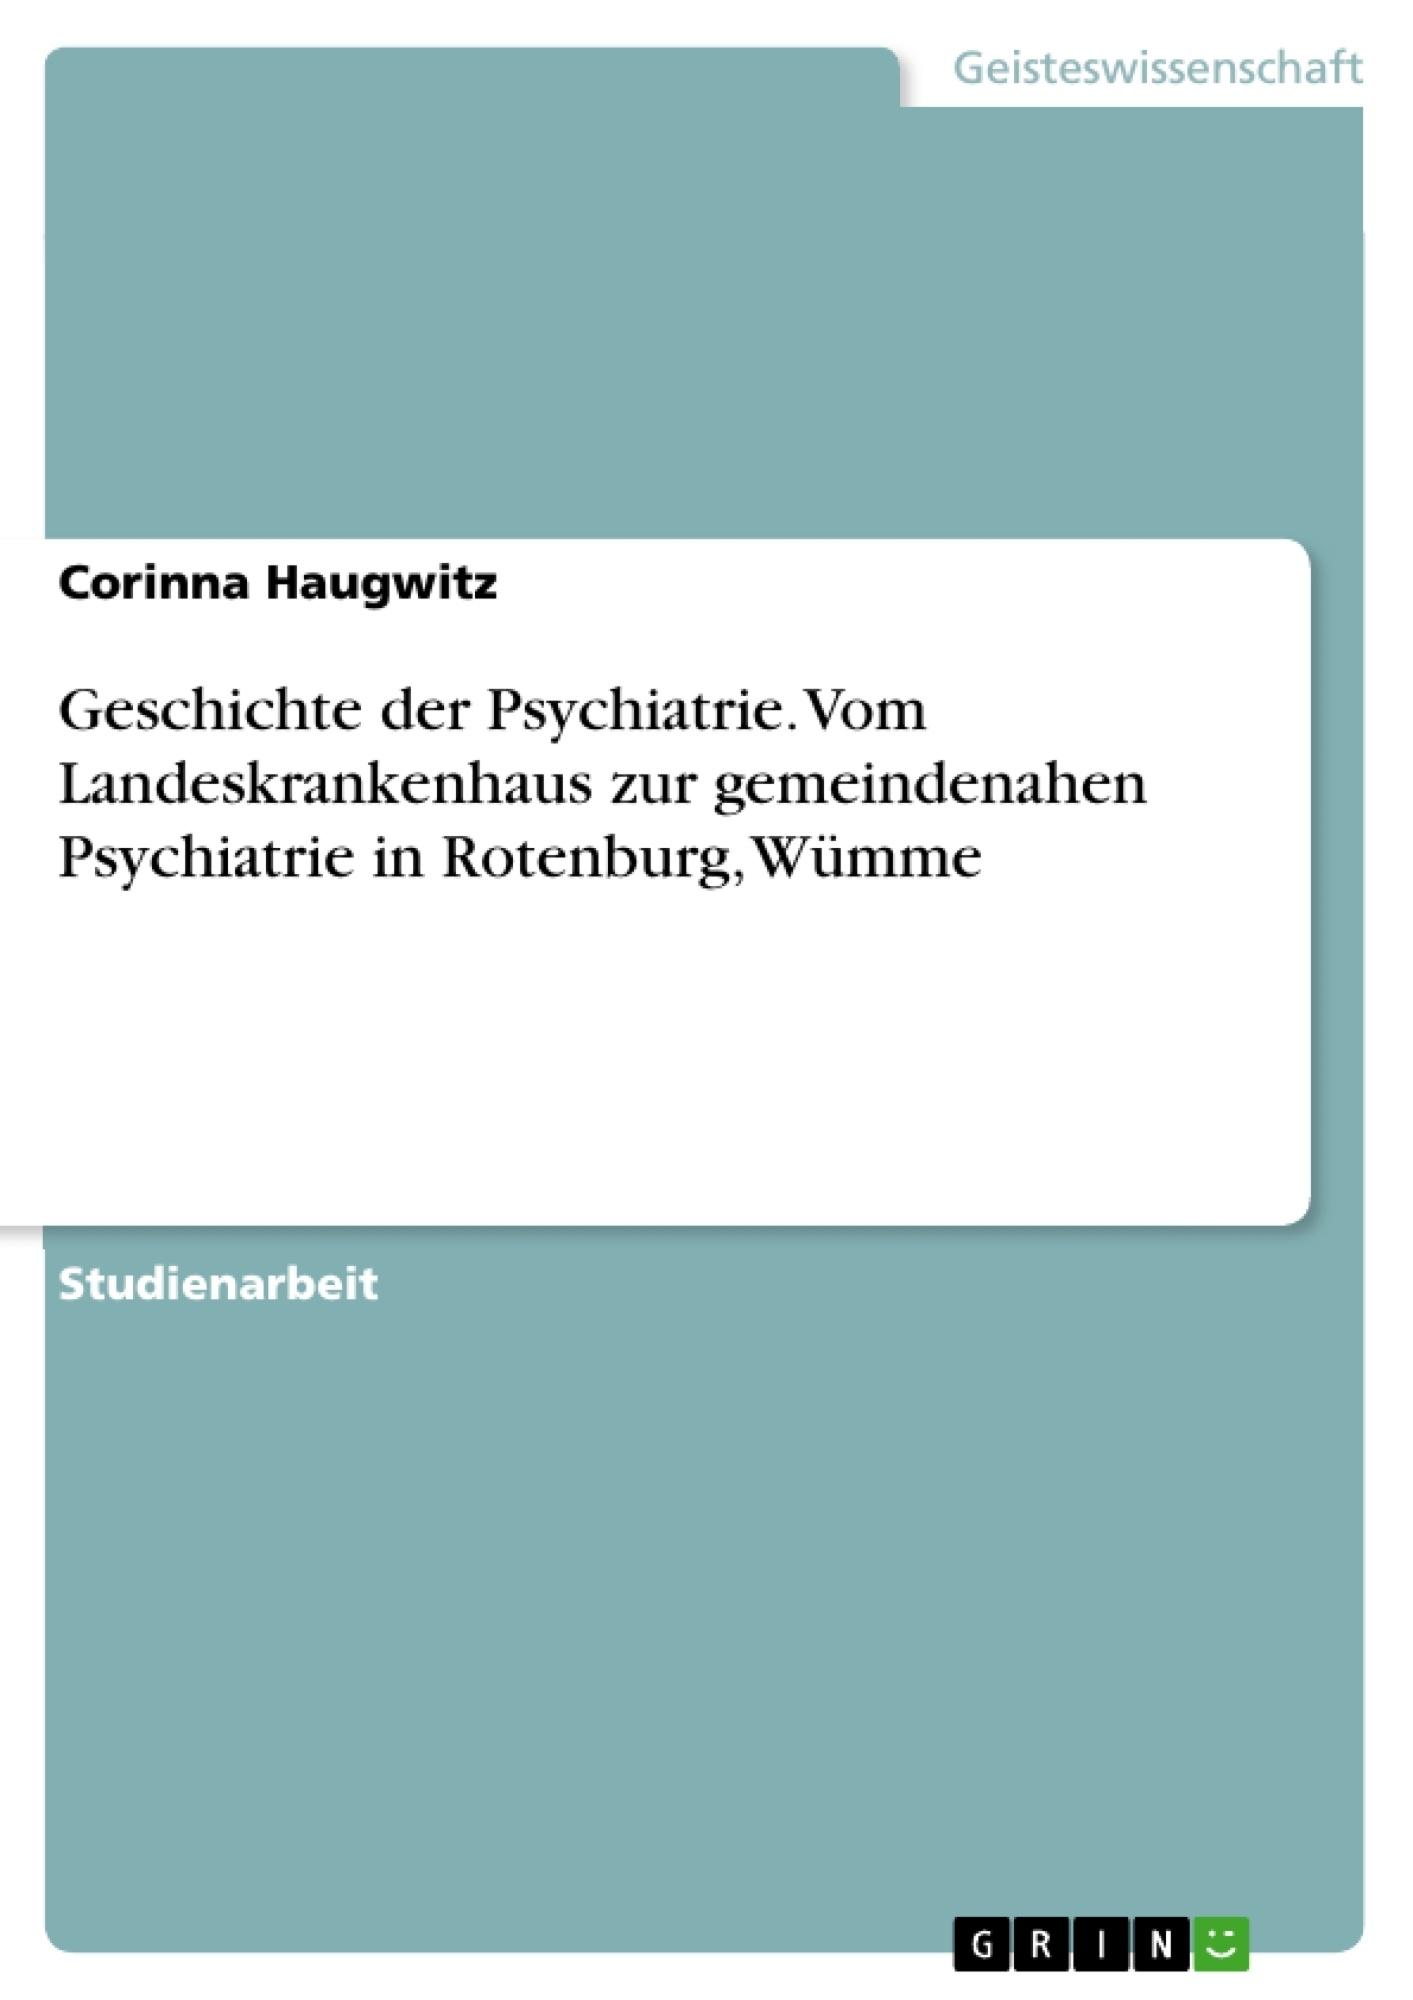 Titel: Geschichte der Psychiatrie. Vom Landeskrankenhaus zur gemeindenahen Psychiatrie in Rotenburg, Wümme